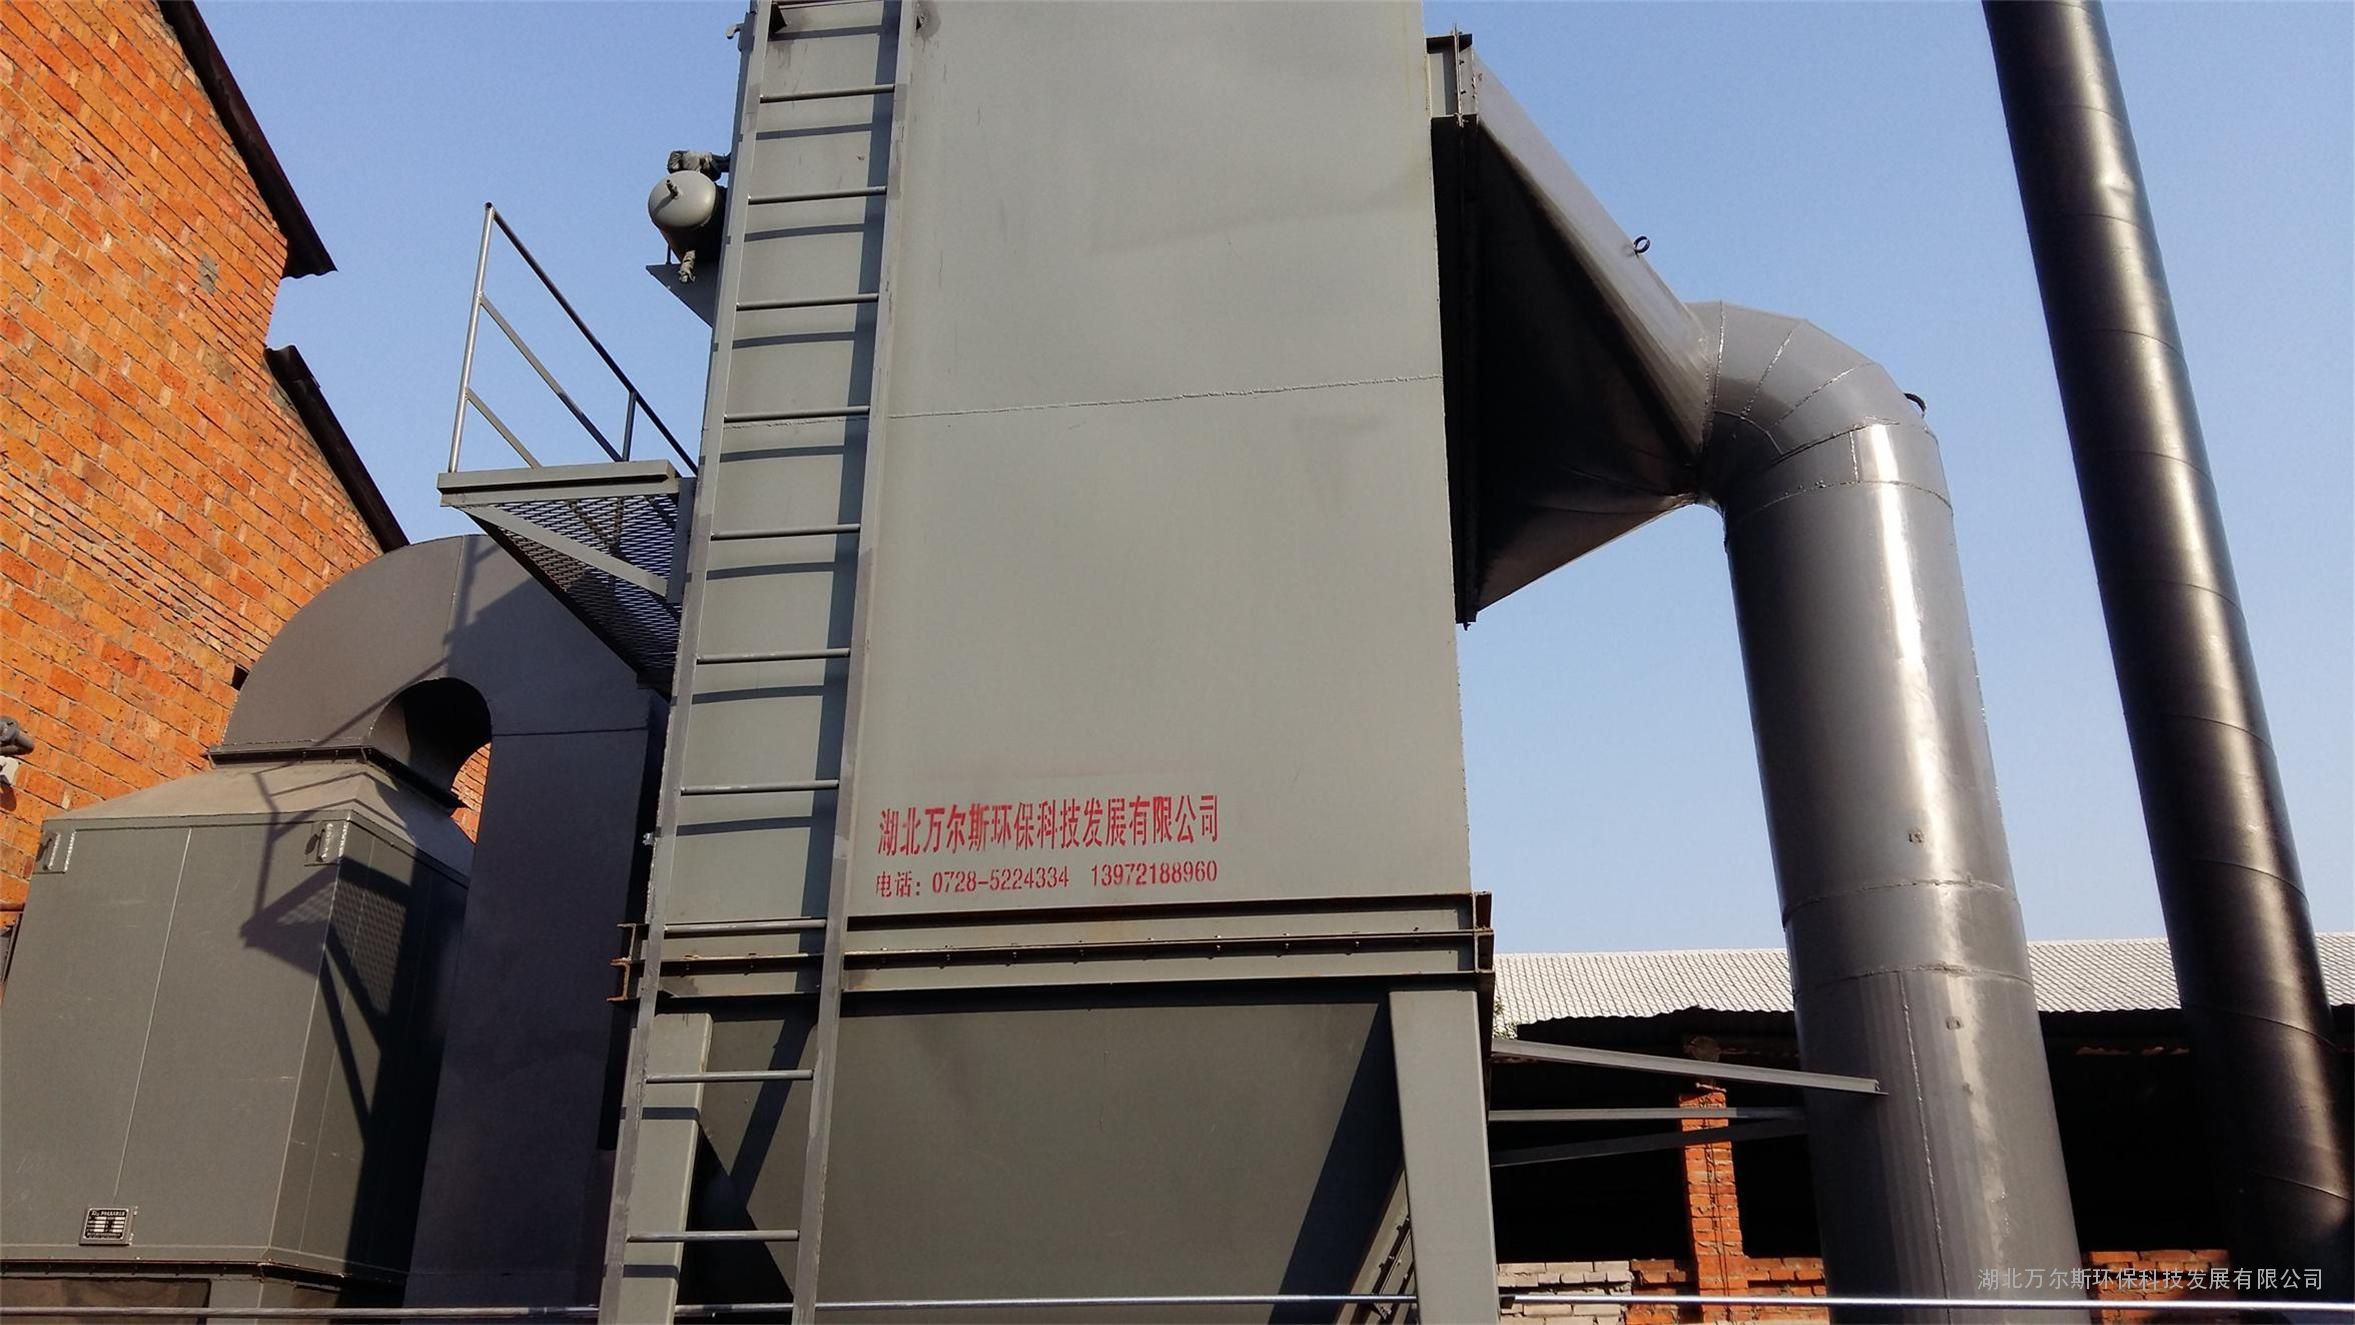 生物质锅炉布袋除尘,锅炉专用除尘器,燃煤锅炉布袋除尘